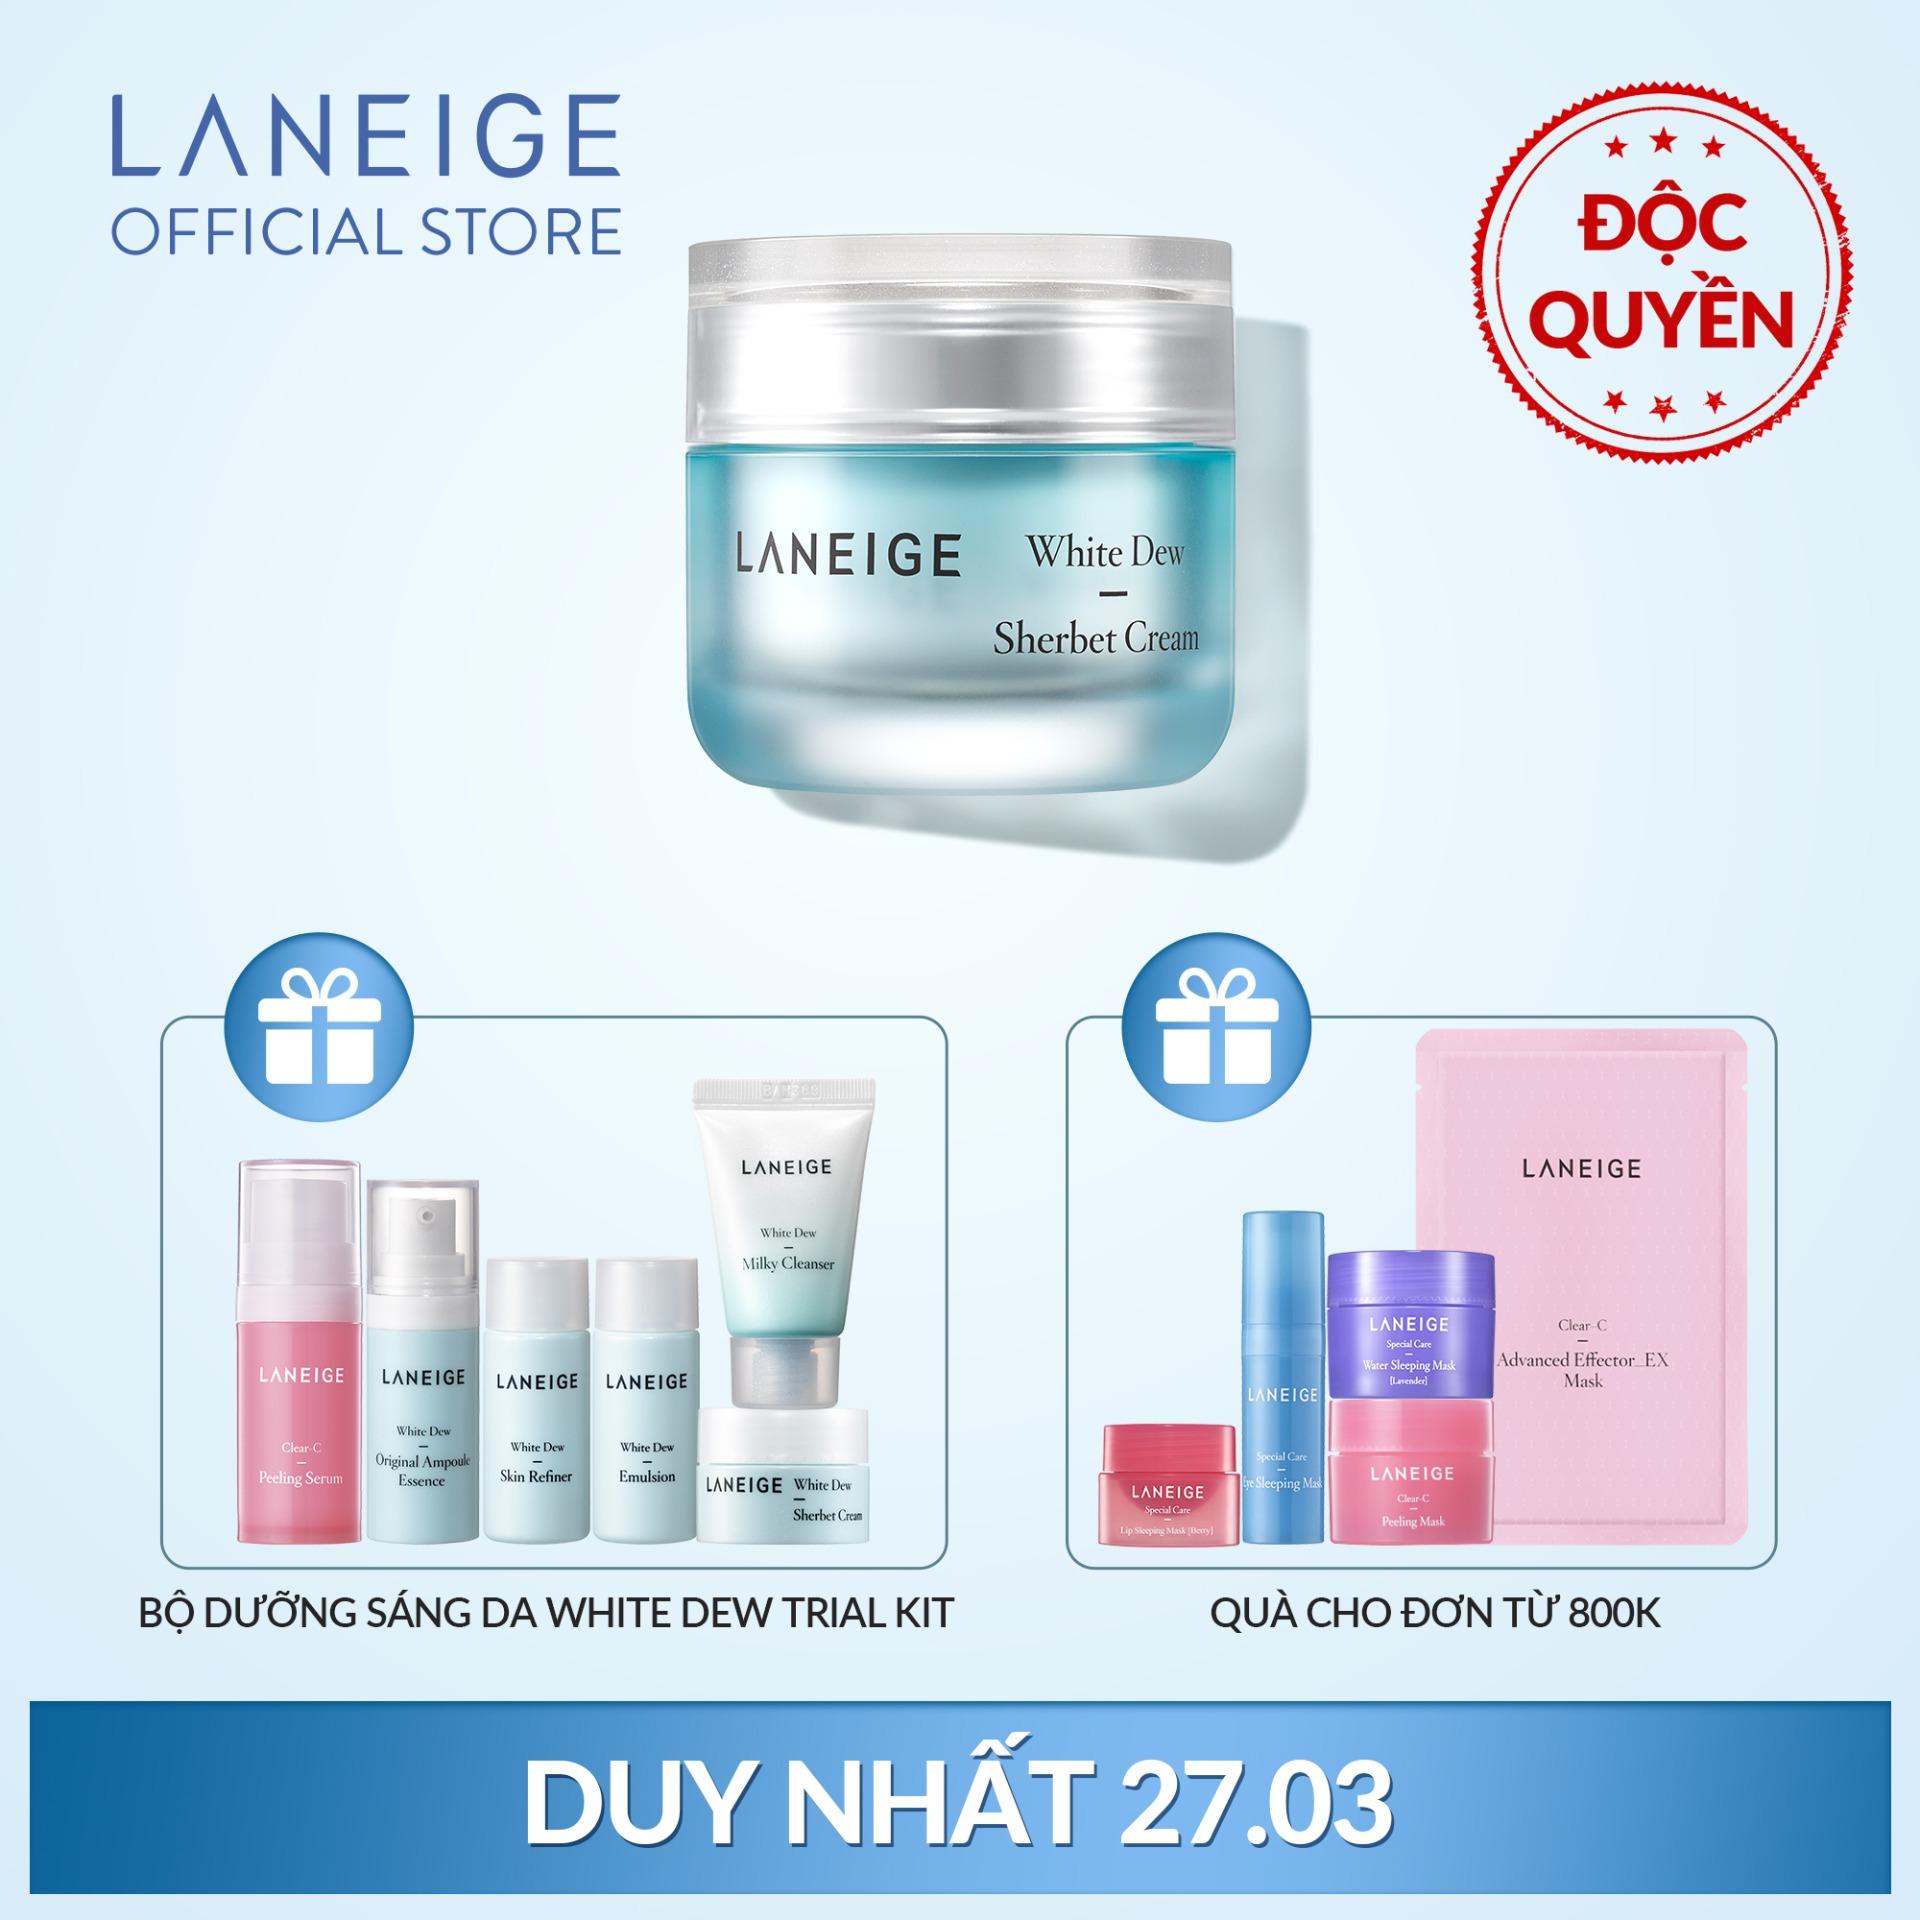 Kem dưỡng trắng da và dưỡng ẩm Laneige White Dew Sherbet Cream 50ml + Tặng Bộ Dưỡng trắng da White Dew Trial Kit nhập khẩu